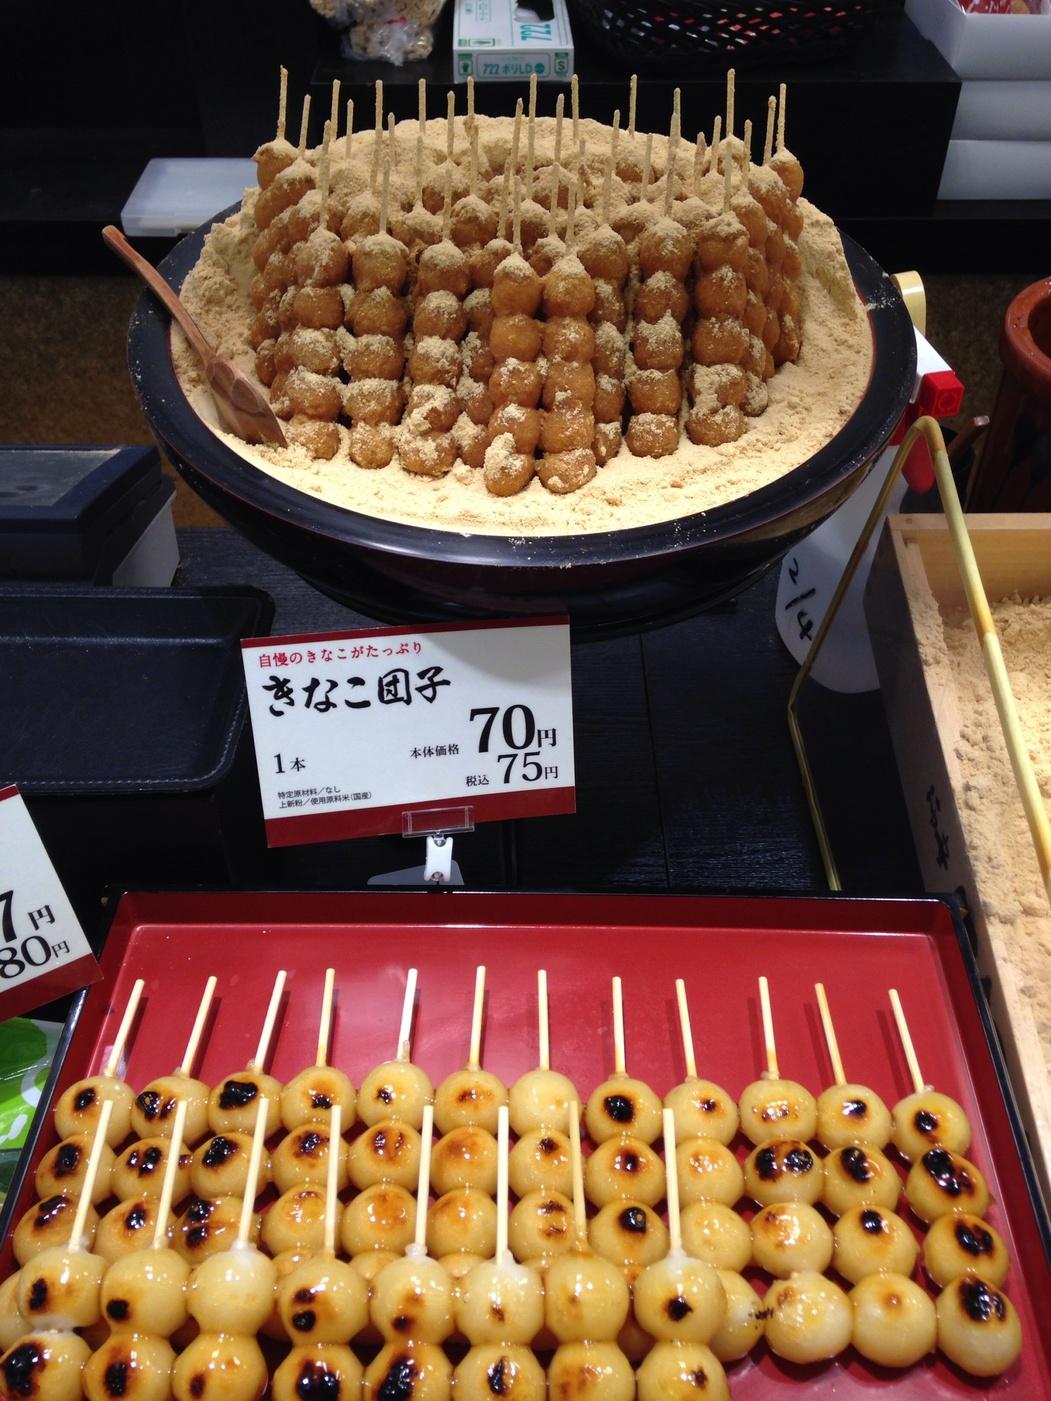 柿安 口福堂 ヴェルサウォーク西尾店